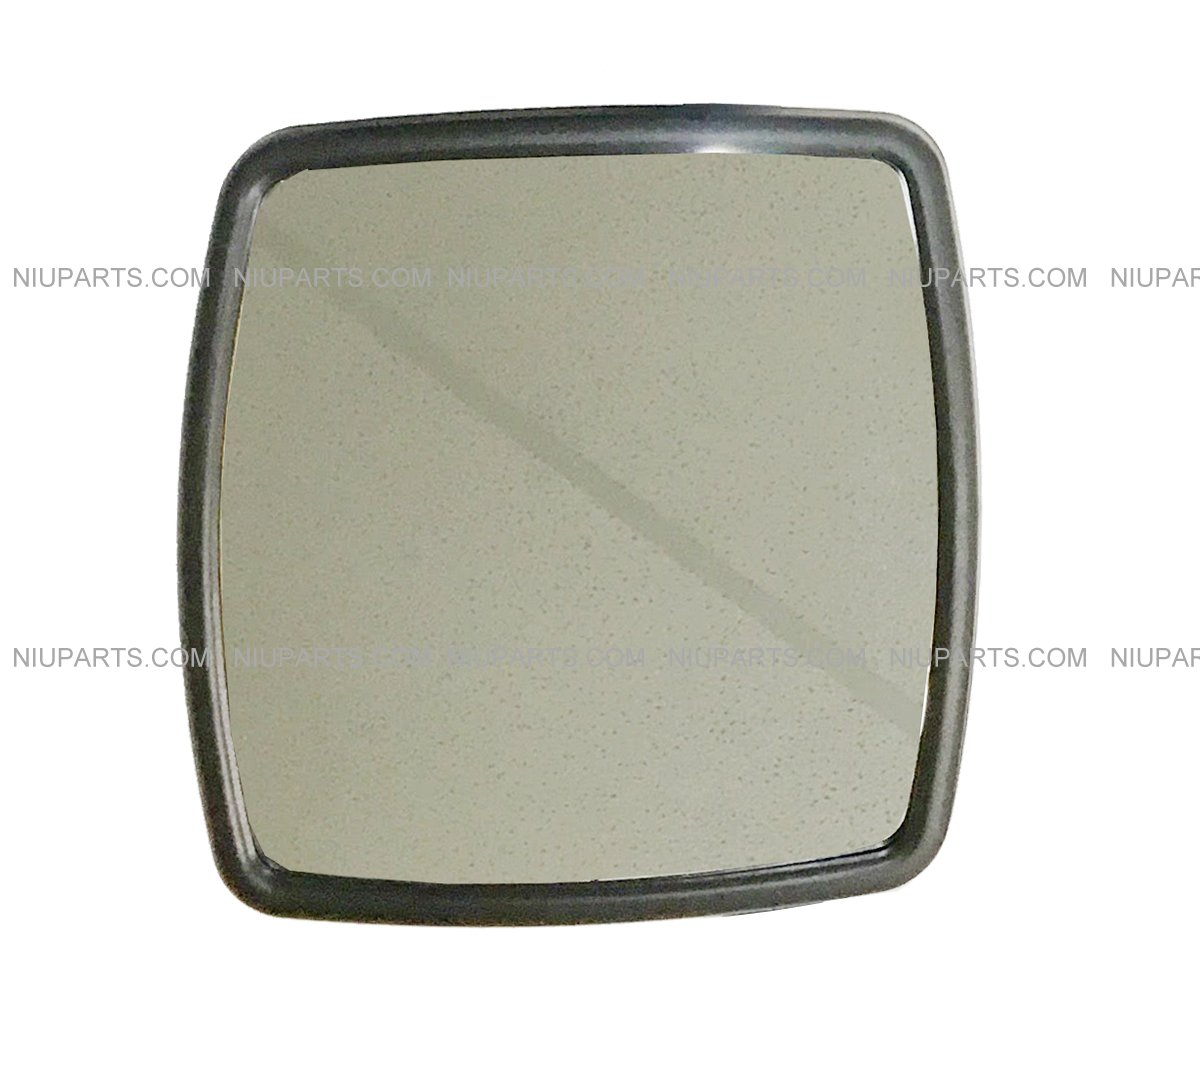 Retrovisor Gran Angular Espejo Negro para puerta y campana (Fit: internacional Durastar 4300): Amazon.es: Coche y moto